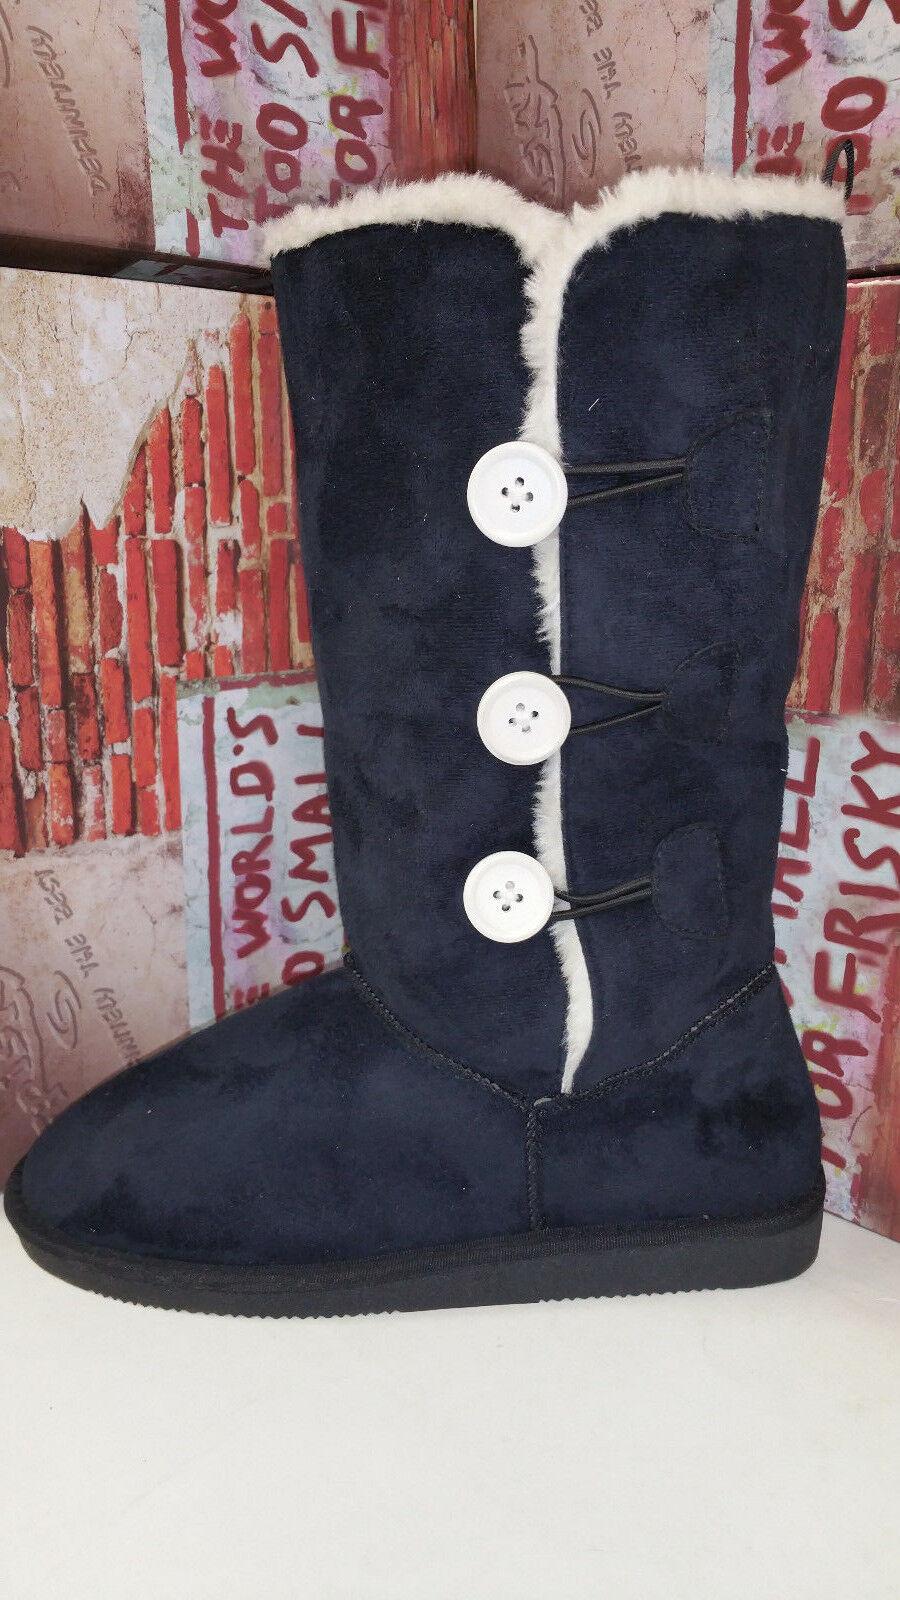 Frisky Black Faux Suede Women's Snow Winter Shoes Boots size 5-10 F9509